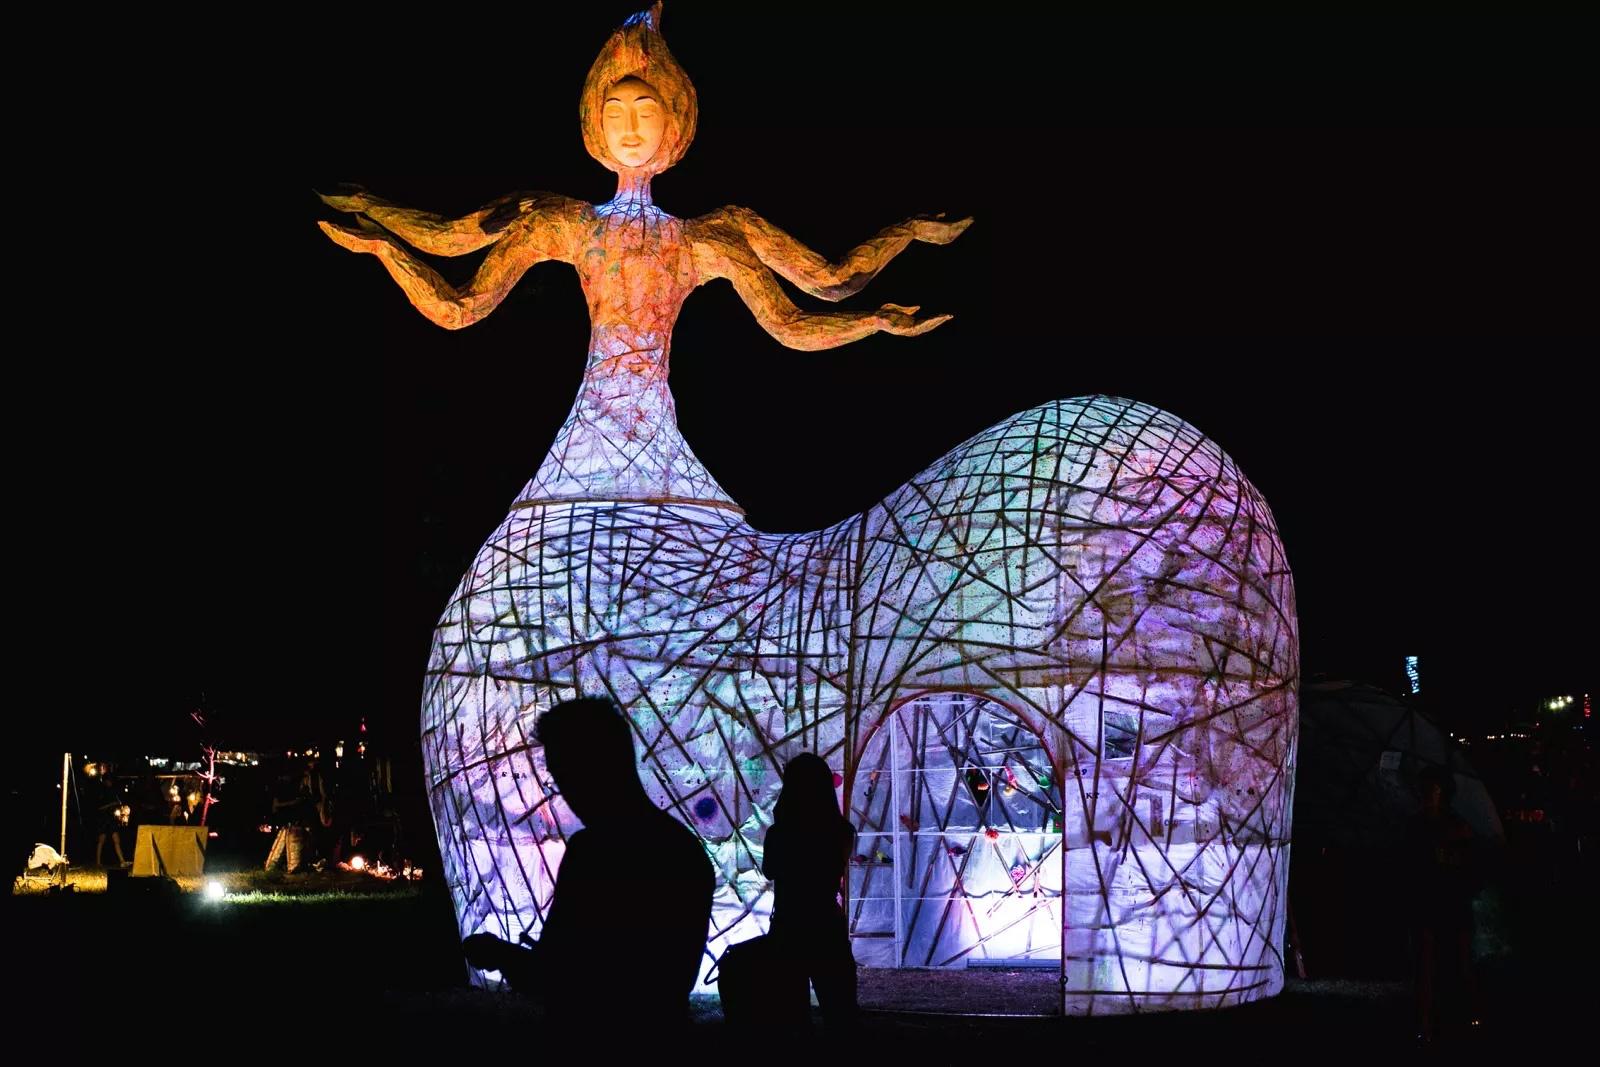 wonderfruit festival art and health